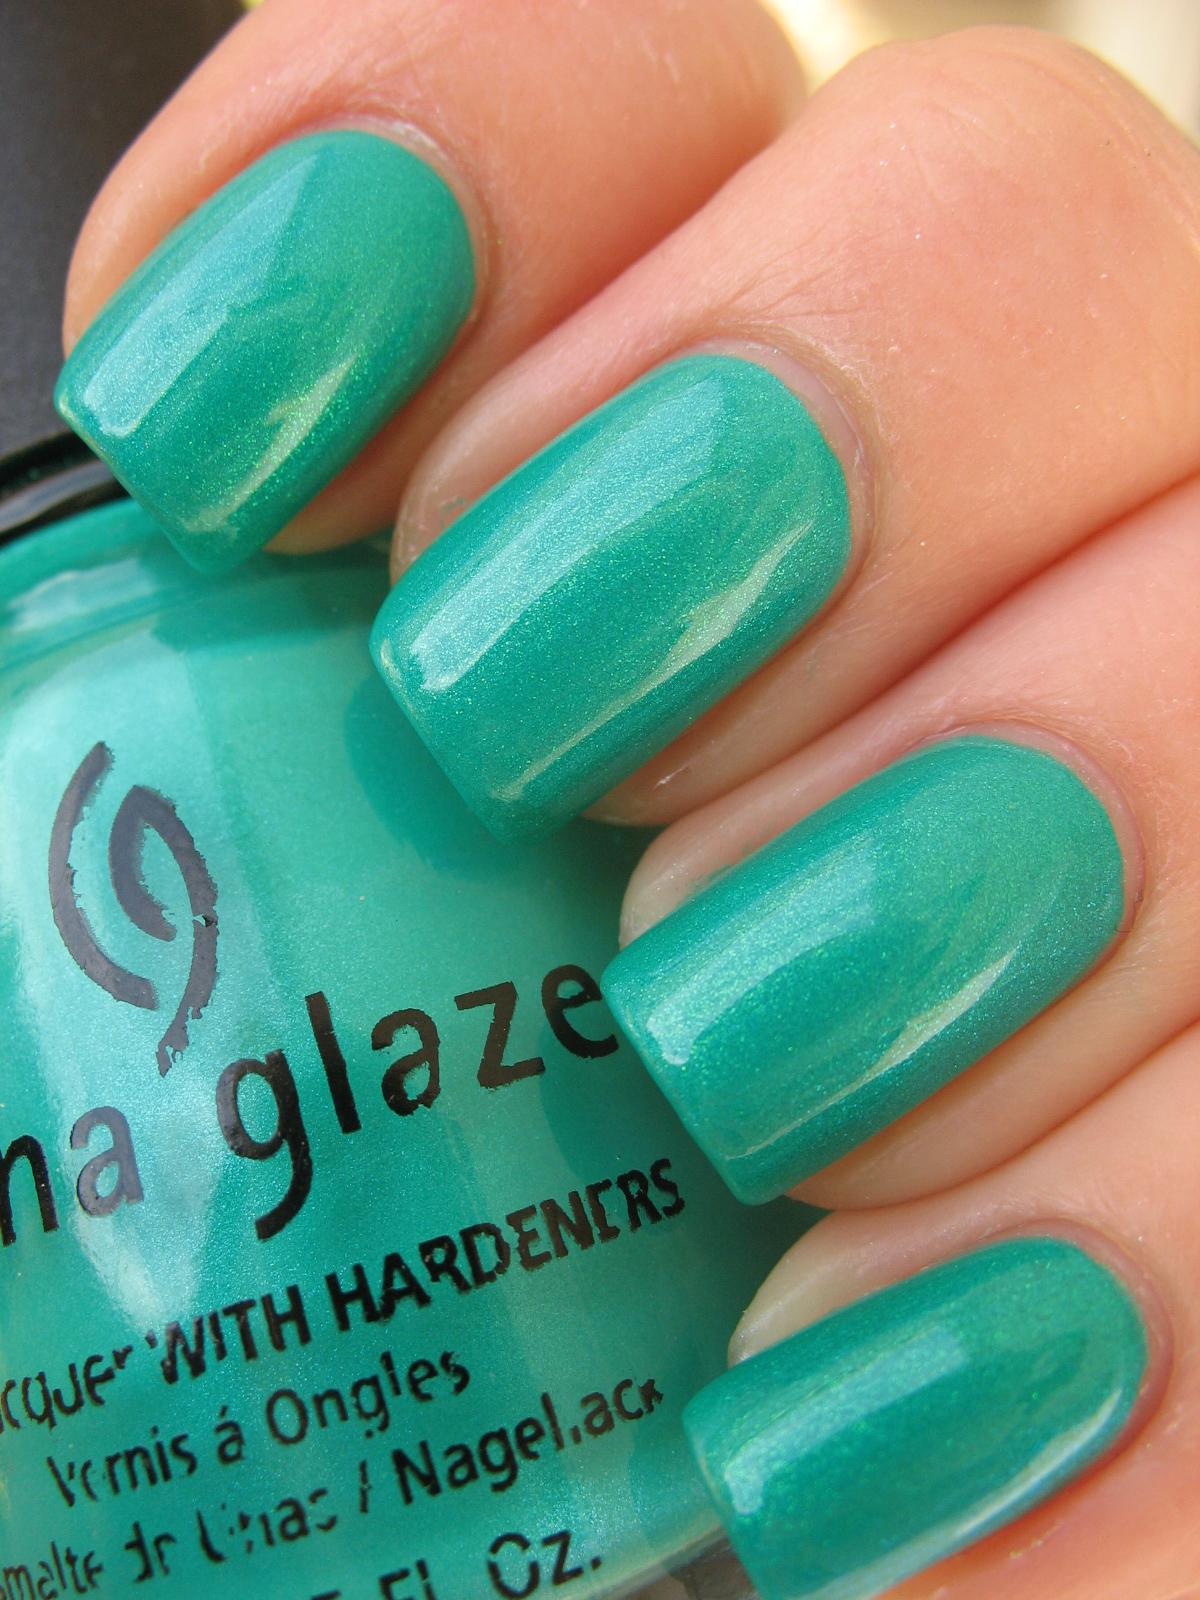 China Glaze Presenta Crakle Glaze: Kiss My Acetone: China Glaze Turned Up Turquoise